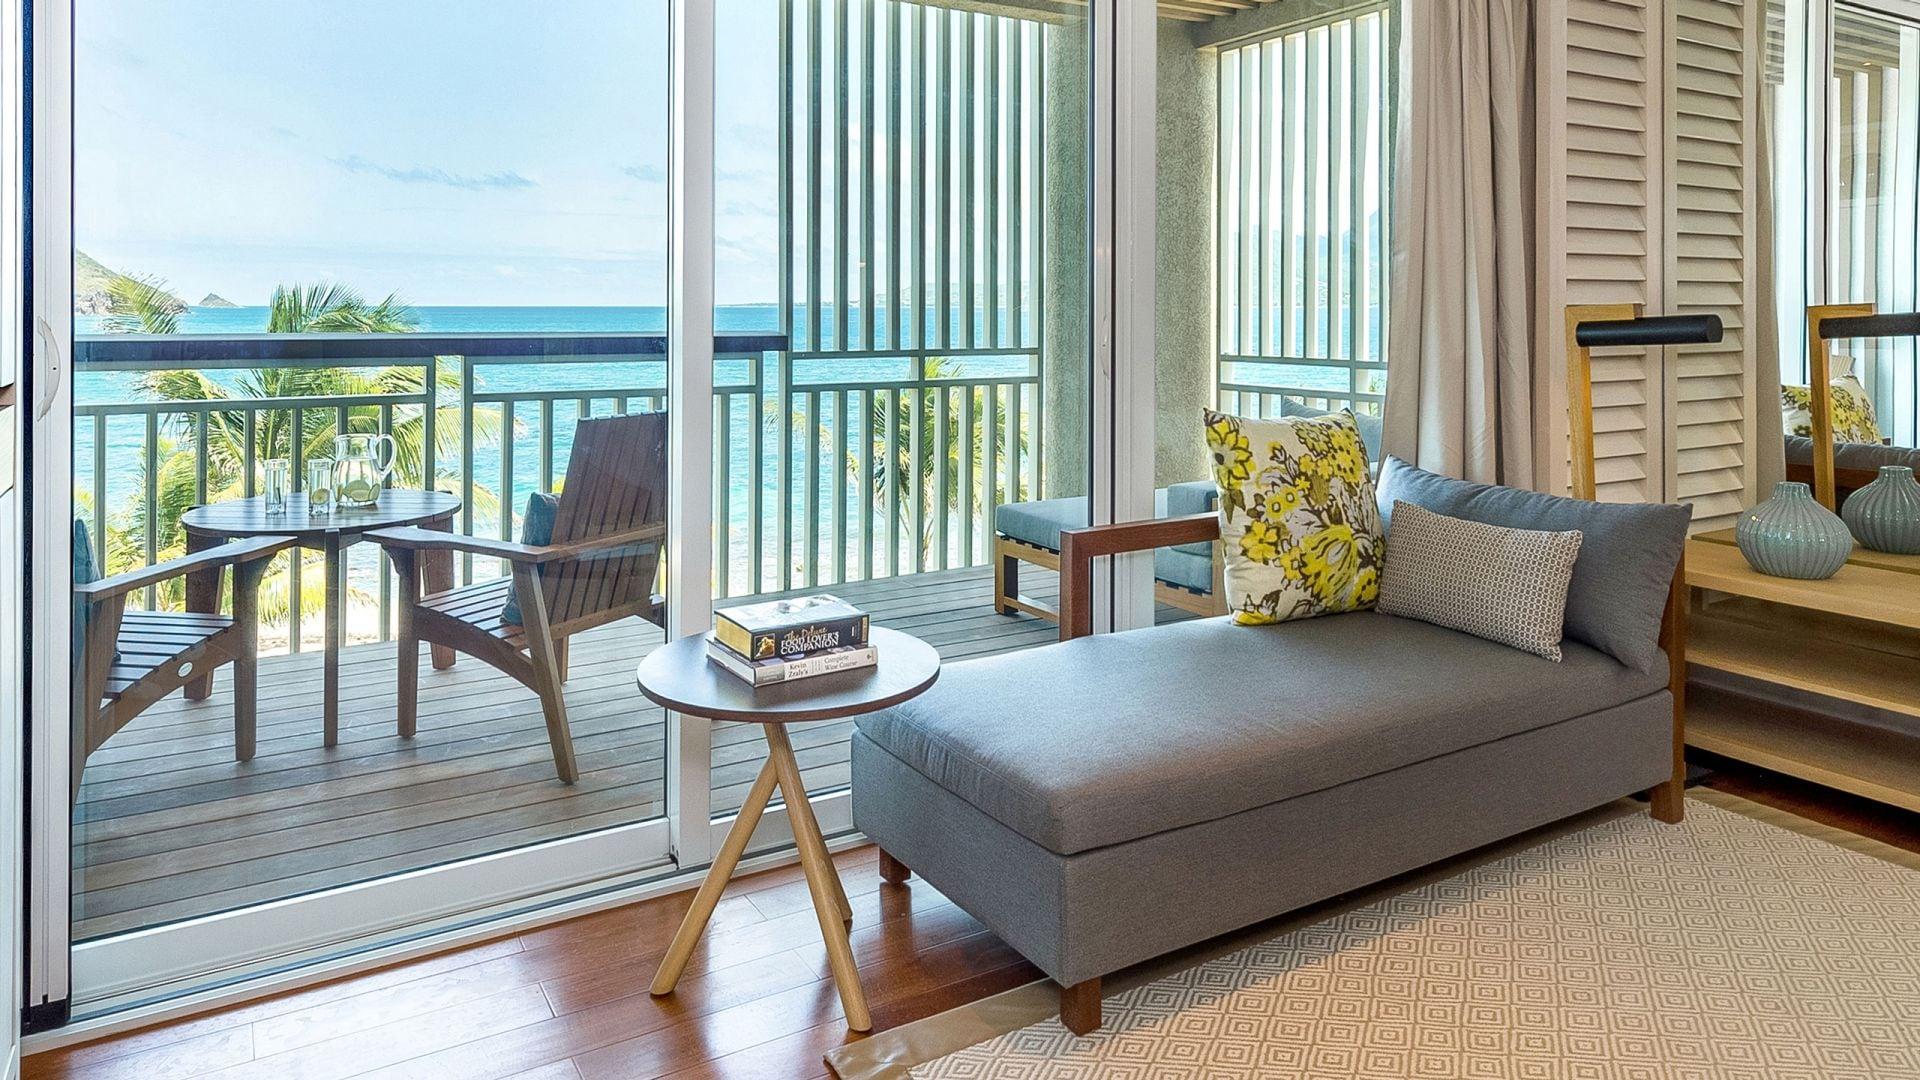 Park Hyatt St. Kitts Christophe Harbour Guestroom Living Space